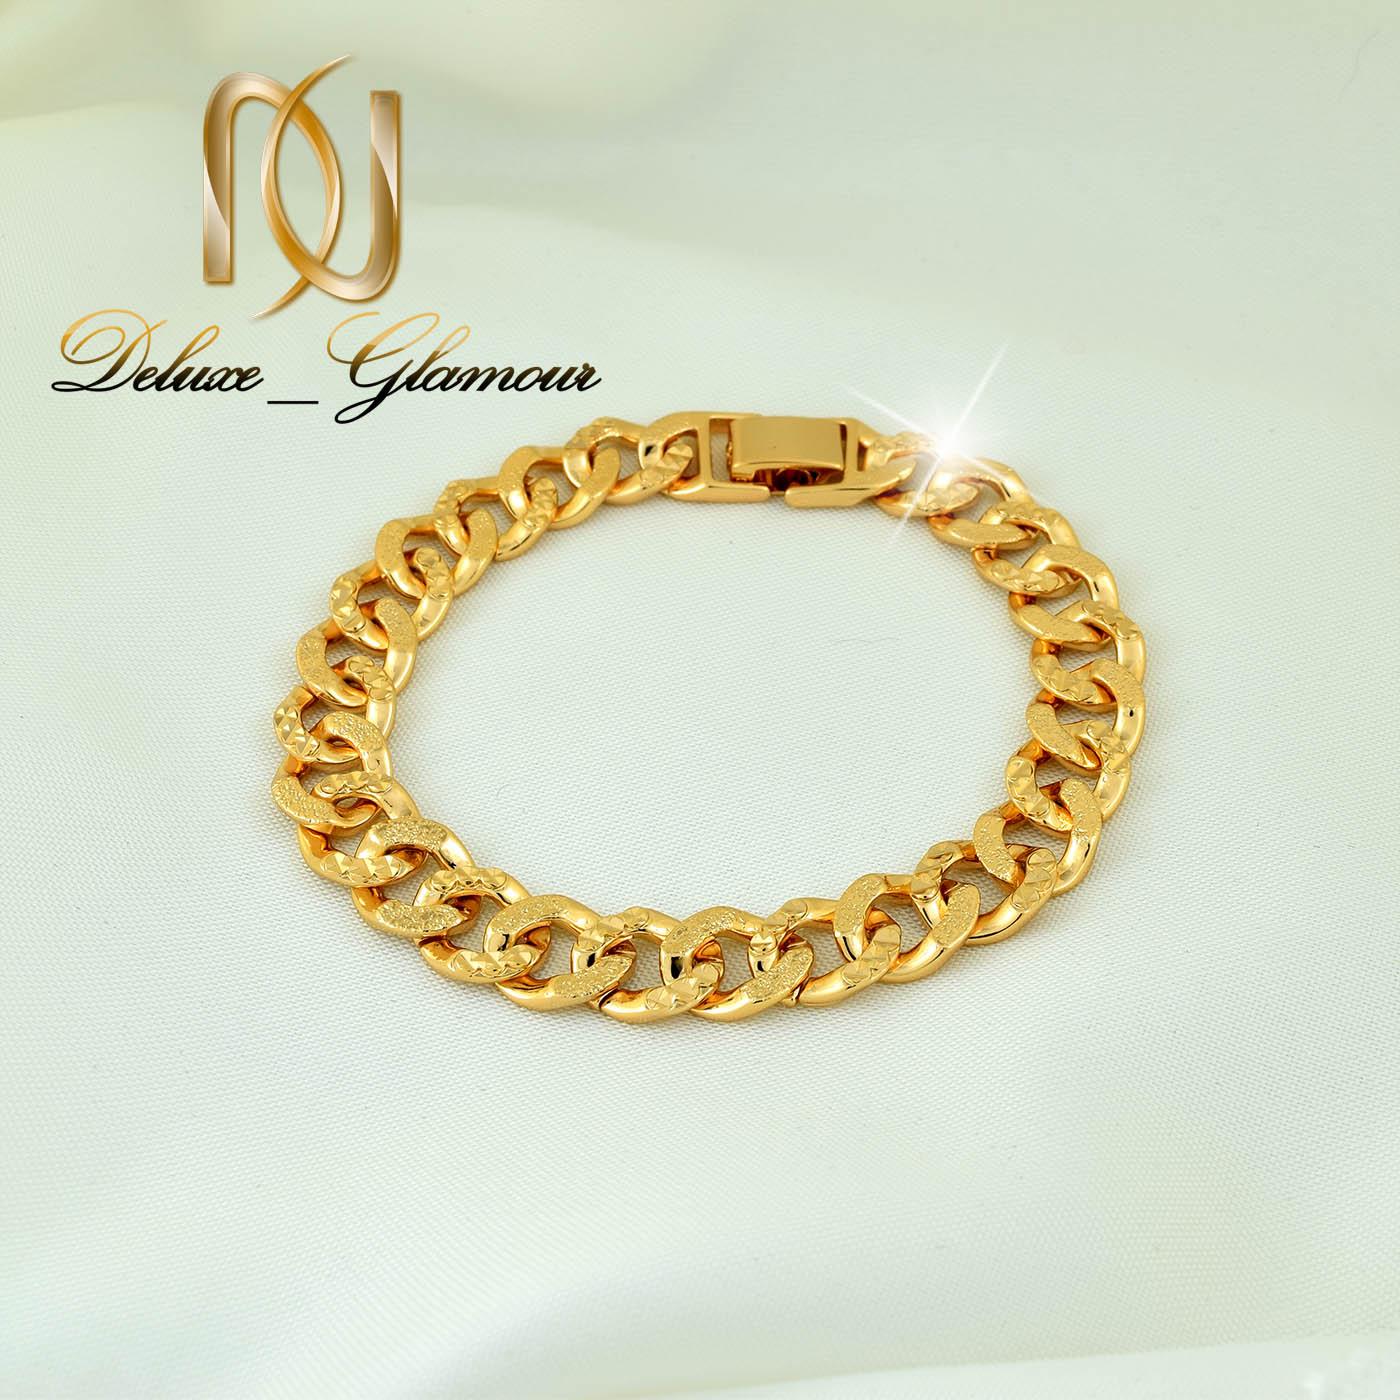 دستبند زنانه ژوپینگ طلایی طرح کارتیر ds-n268 از نمای دور